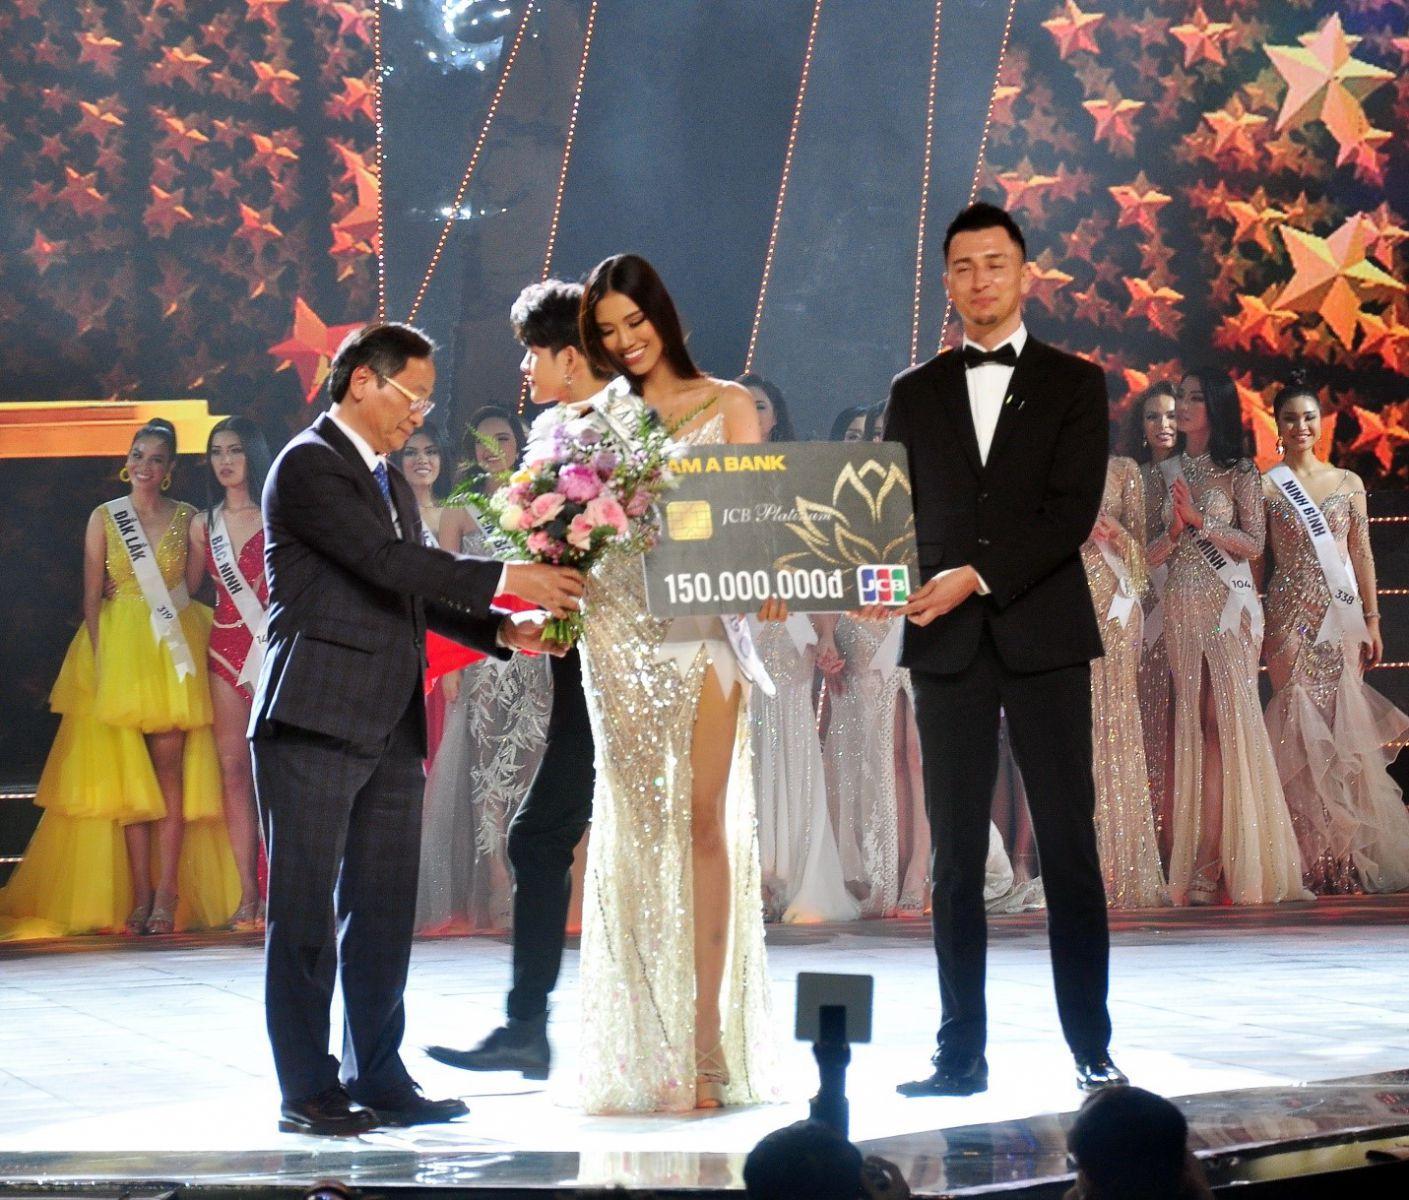 Ông Nguyễn Đắc tài, P.Chủ tịch Thường trực UBND tỉnh Khánh Hòa trao tặng hoa và giải thưởng đến Á Hậu 1 Nguyễn Huỳnh Kim Duyên